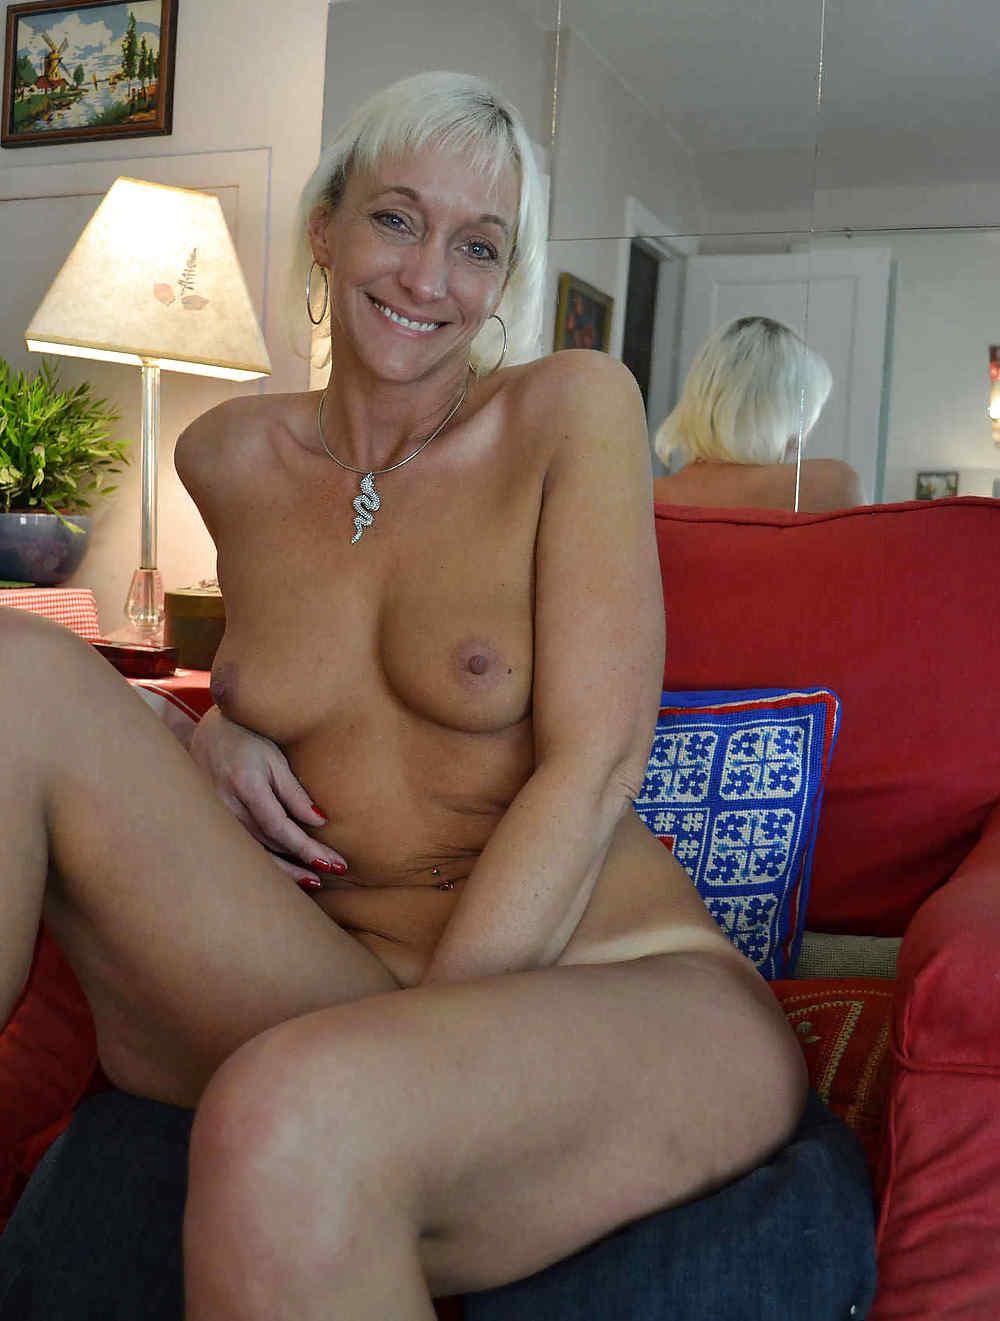 Barbie Lynn Porno classy mature (barbie lynn) #8darkko - 29 fotos